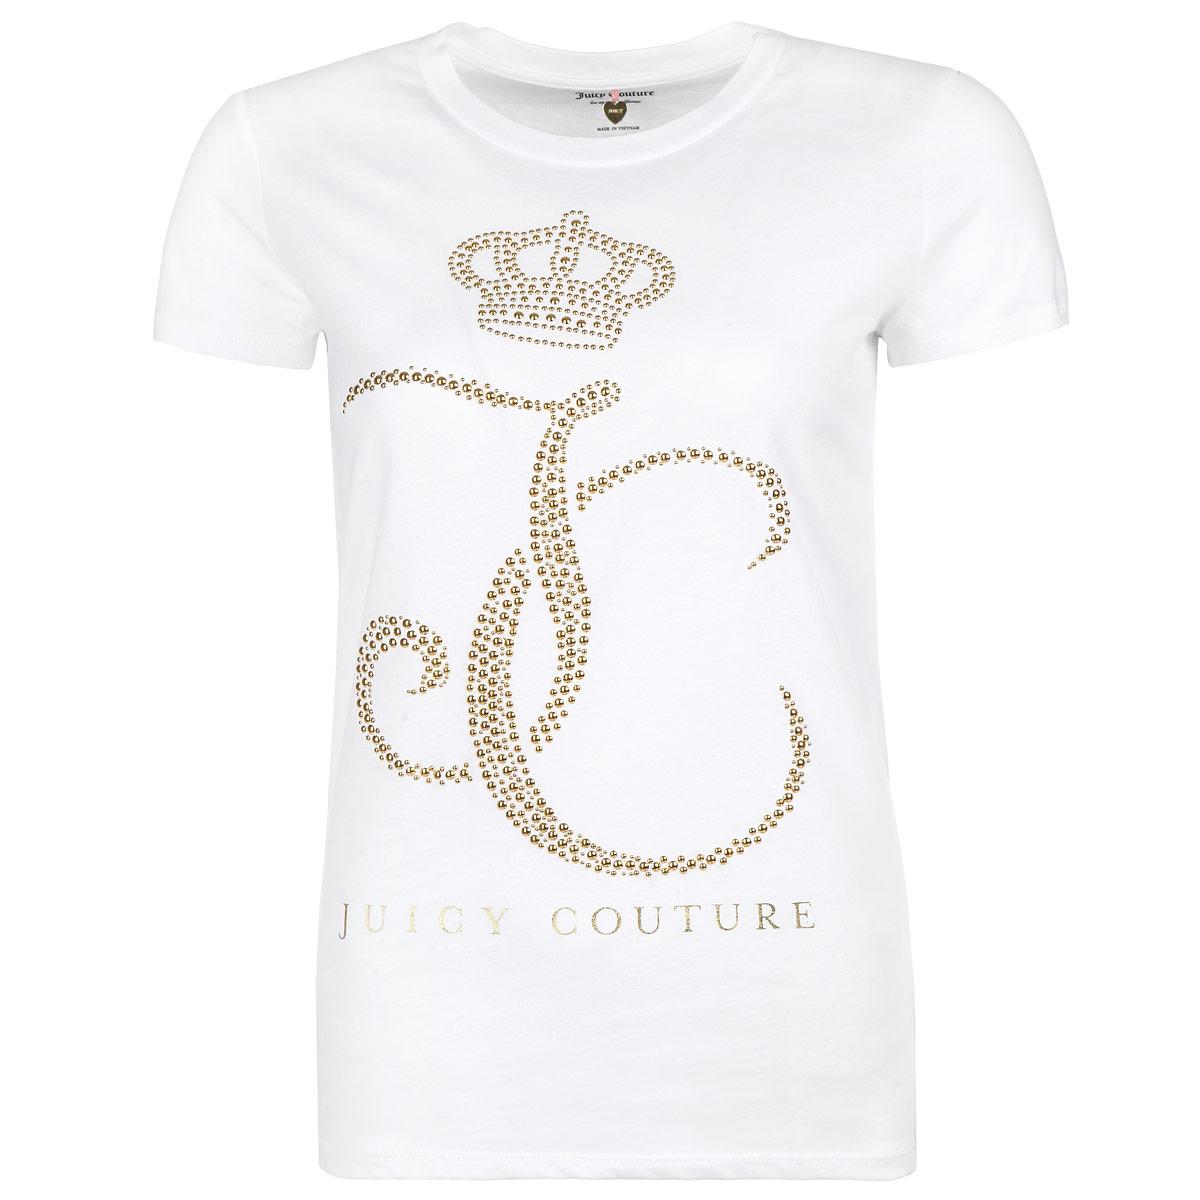 ФутболкаWTKT31338/119Стильная женская футболка Juicy Couture, выполненная из высококачественного хлопка, обладает высокой теплопроводностью, воздухопроницаемостью и гигроскопичностью, позволяет коже дышать. Модель с короткими рукавами и круглым вырезом - идеальный вариант для создания образа в стиле Casual. Футболка оформлена стильным дизайном в виде выложенных блестящими золотистыми стразами букв JC и короны над ними. Такая модель подарит вам комфорт в течение всего дня и послужит замечательным дополнением к вашему гардеробу.